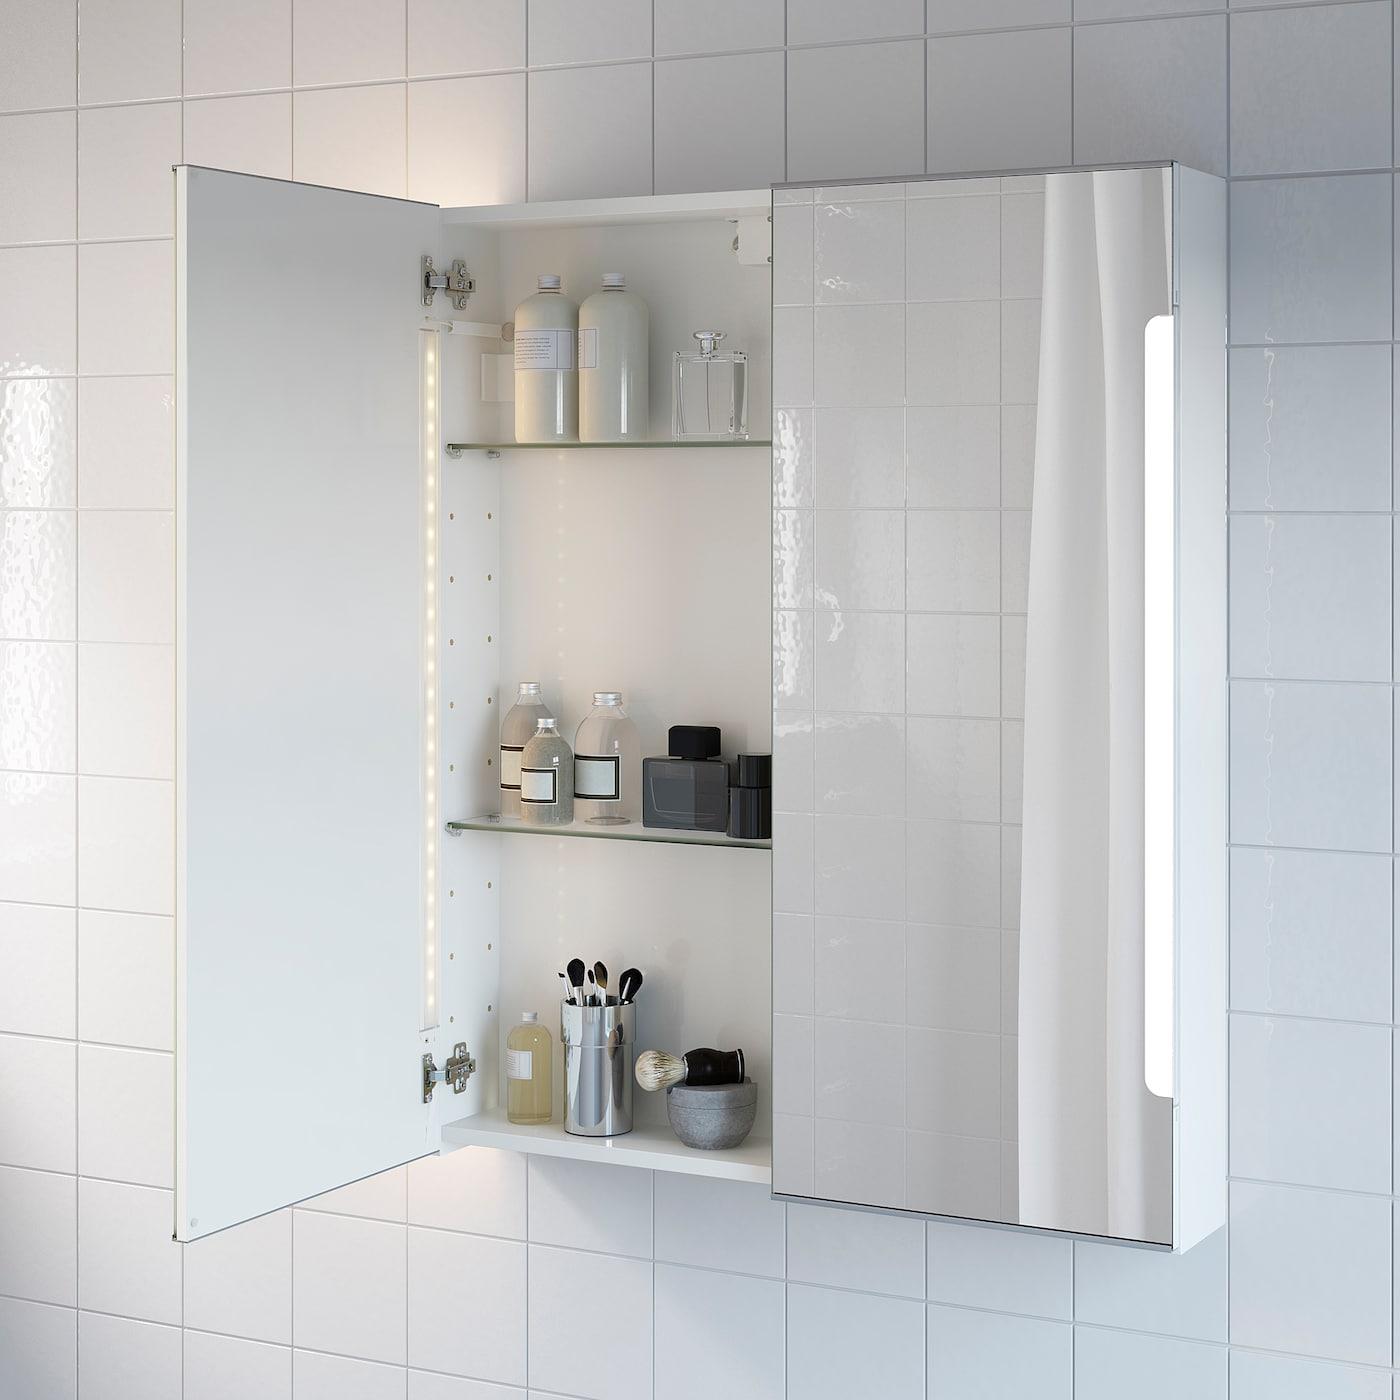 STORJORM Spiegelschrank m. 20 Türen+int. Bel.   weiß 20x20x20 cm